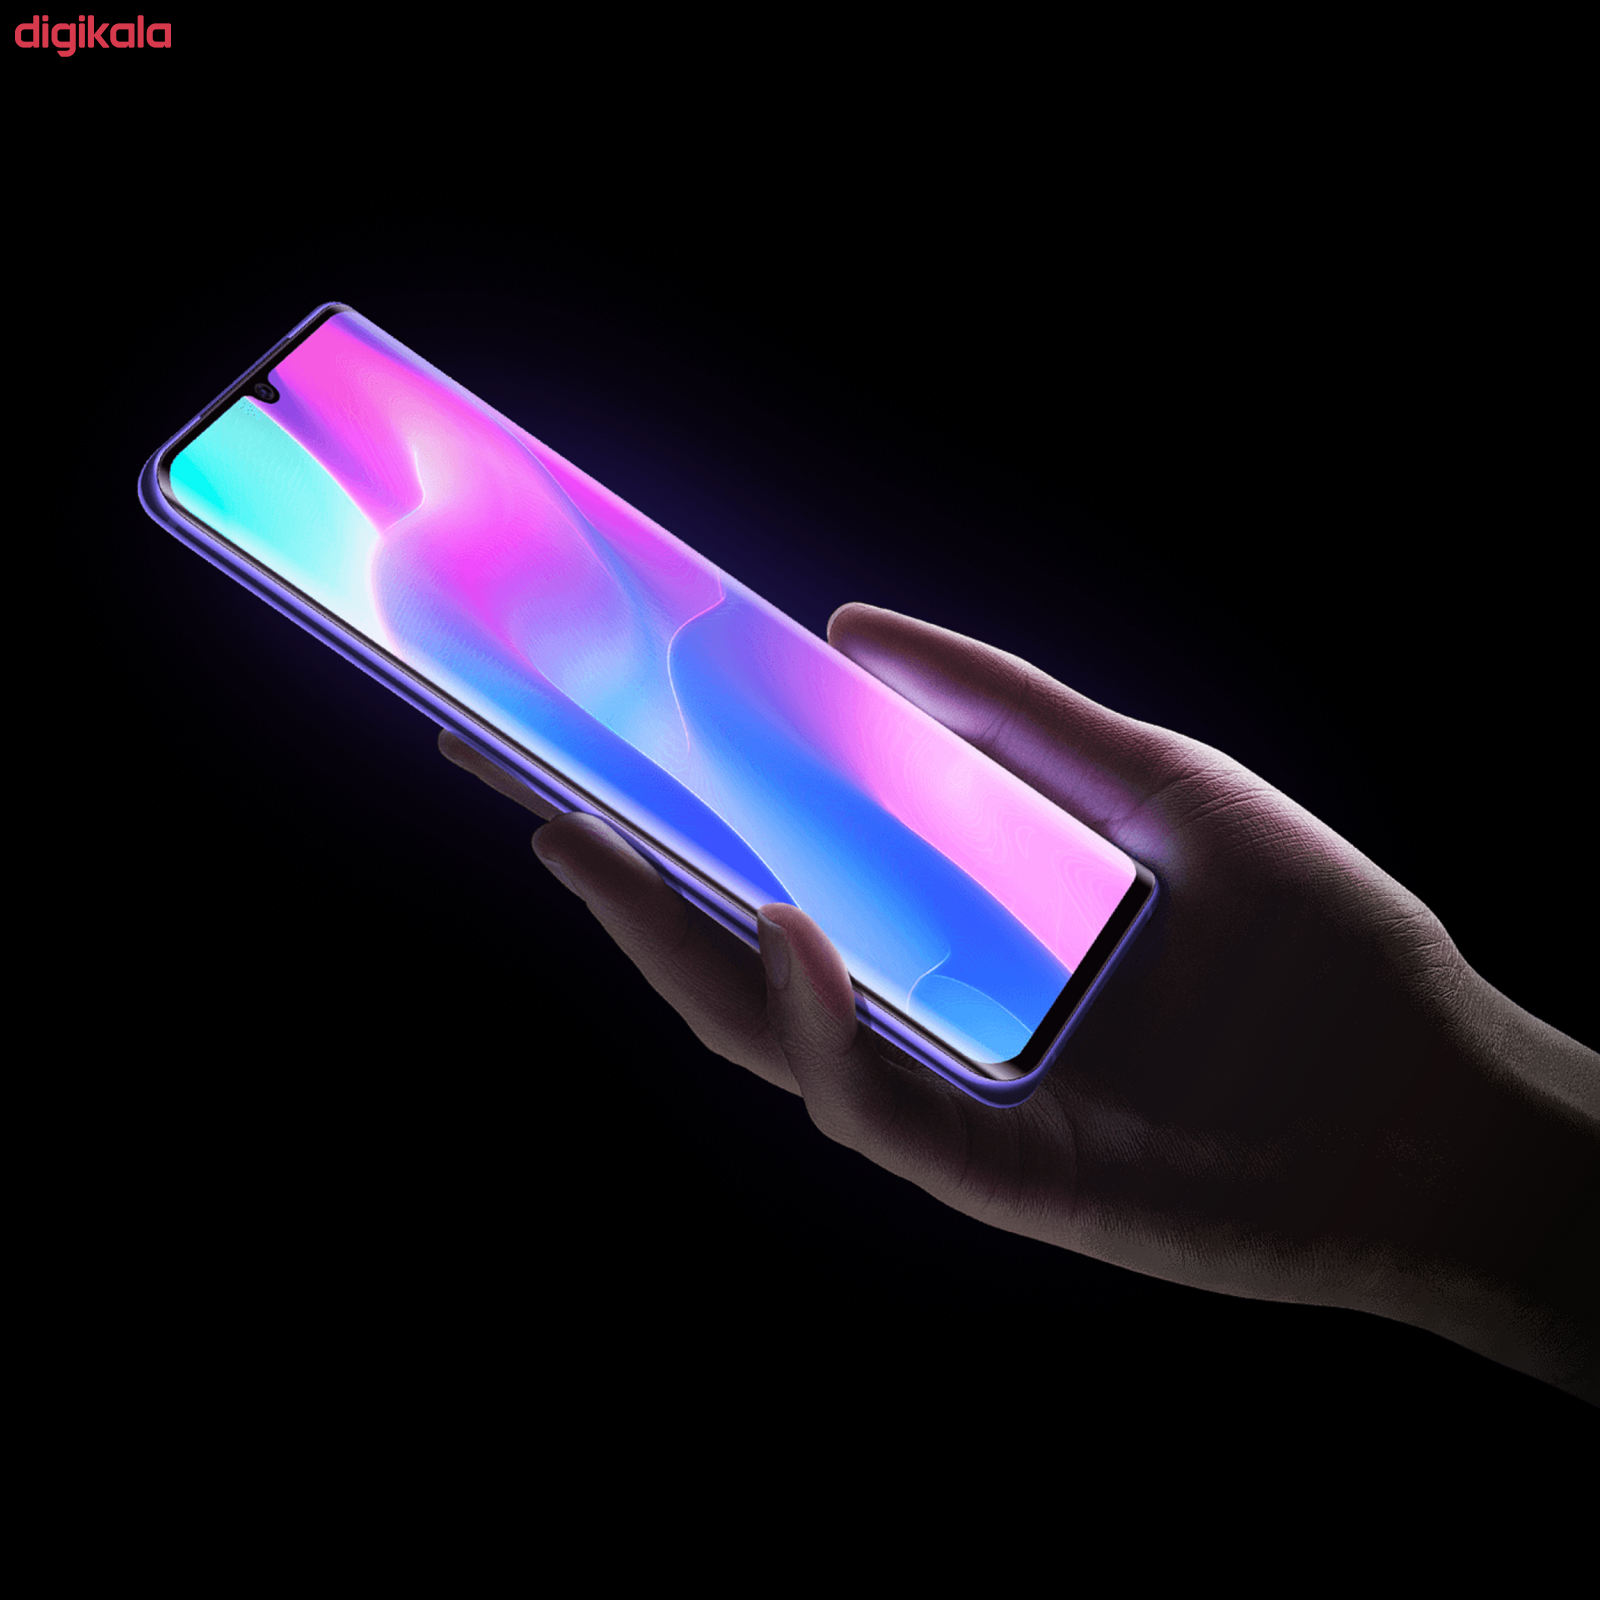 گوشی موبایل شیائومی مدل Mi Note 10 Lite M2002F4LG دو سیم کارت ظرفیت 128 گیگابایت main 1 6